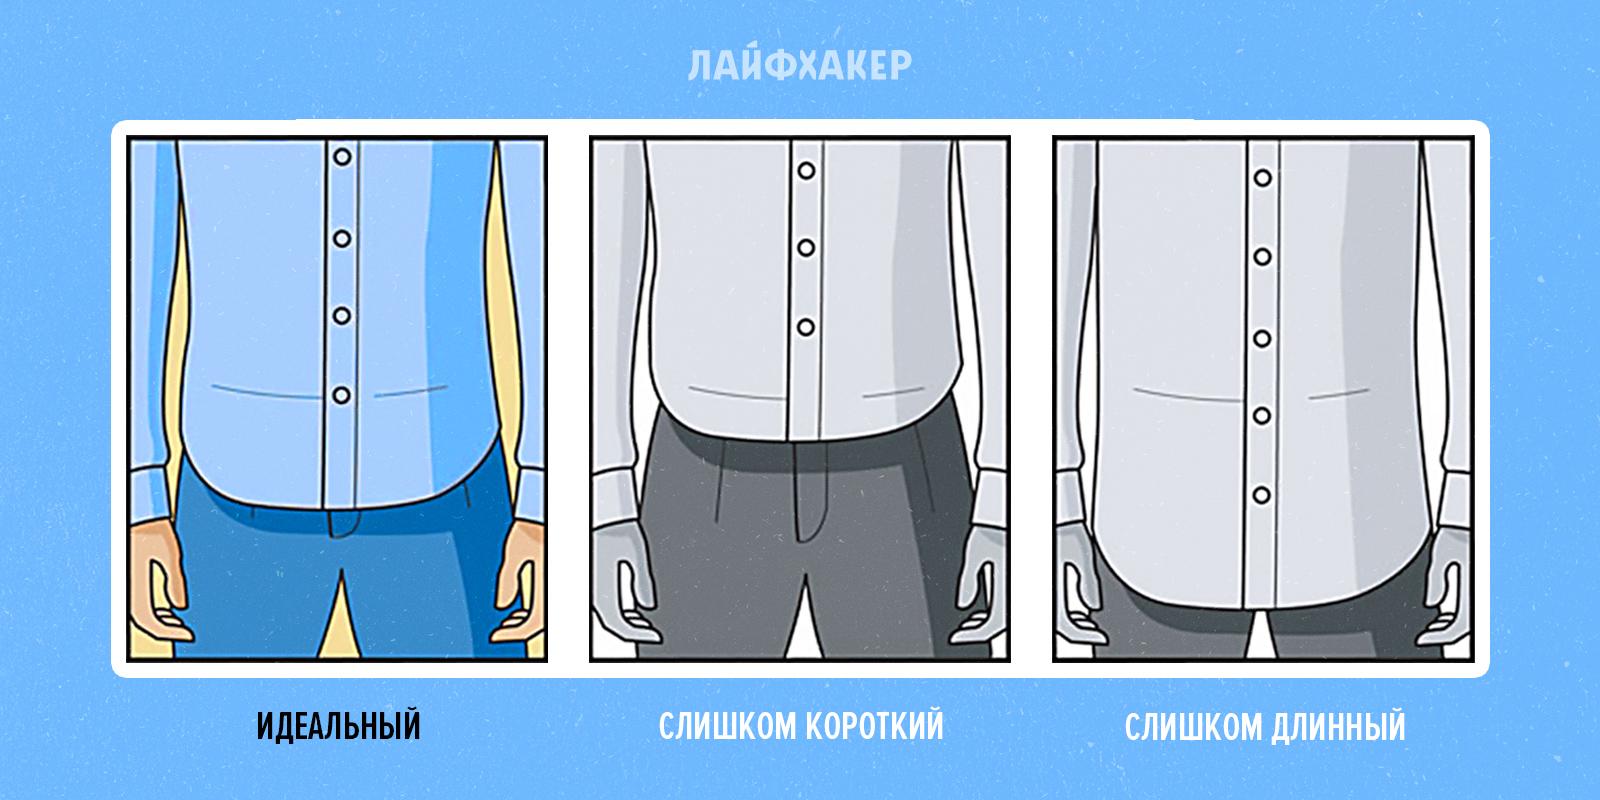 мировой правильная длина спортивной рубашки Басков